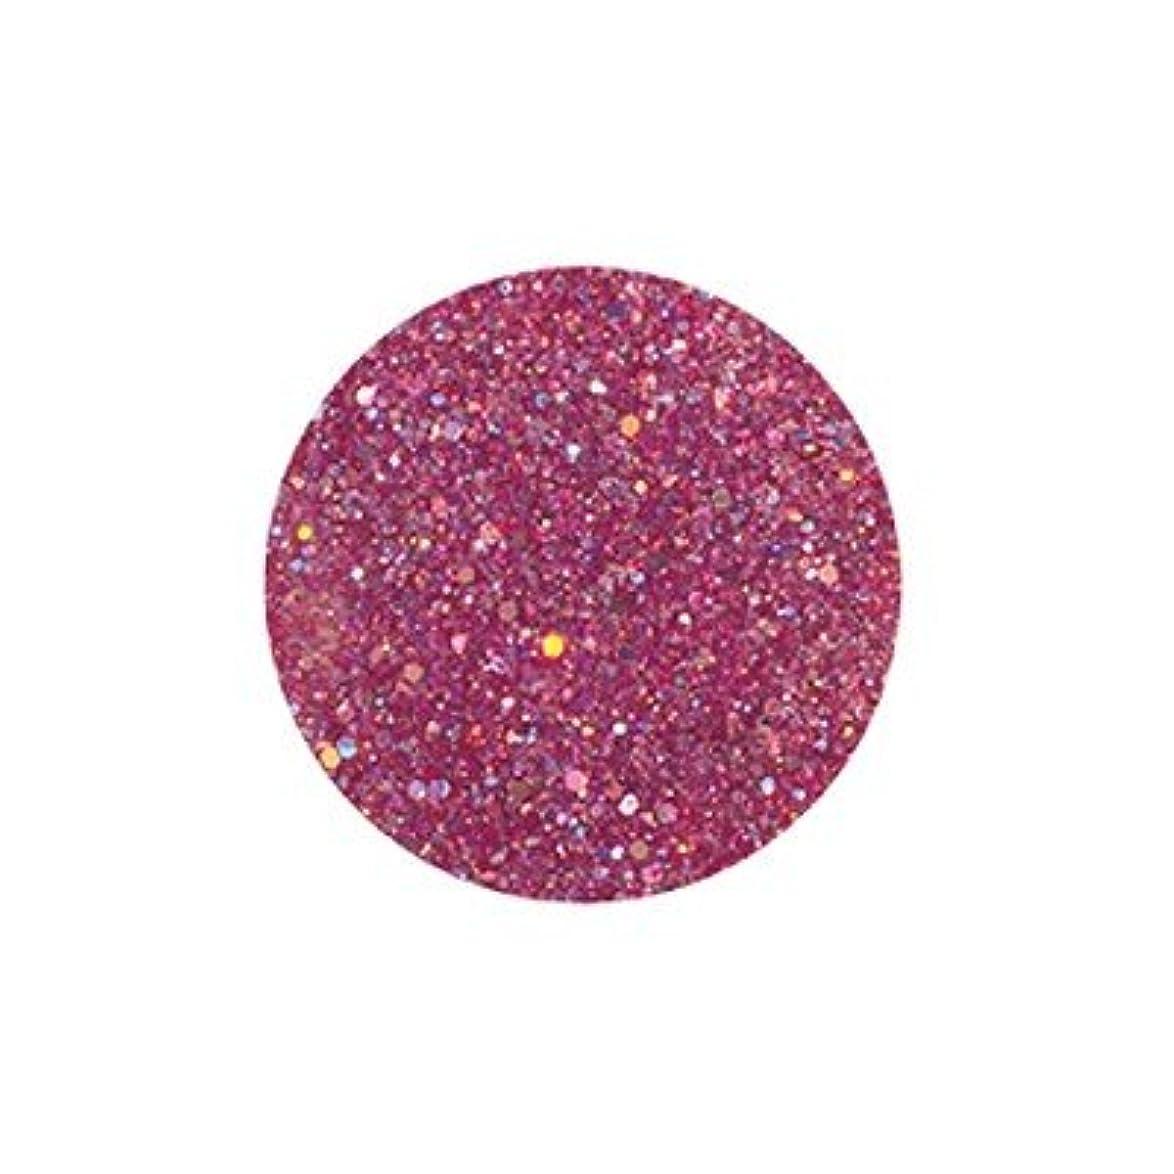 ライトニング強打マエストロFANTASY NAIL ダイヤモンドコレクション 3g 4259XS カラーパウダー アート材